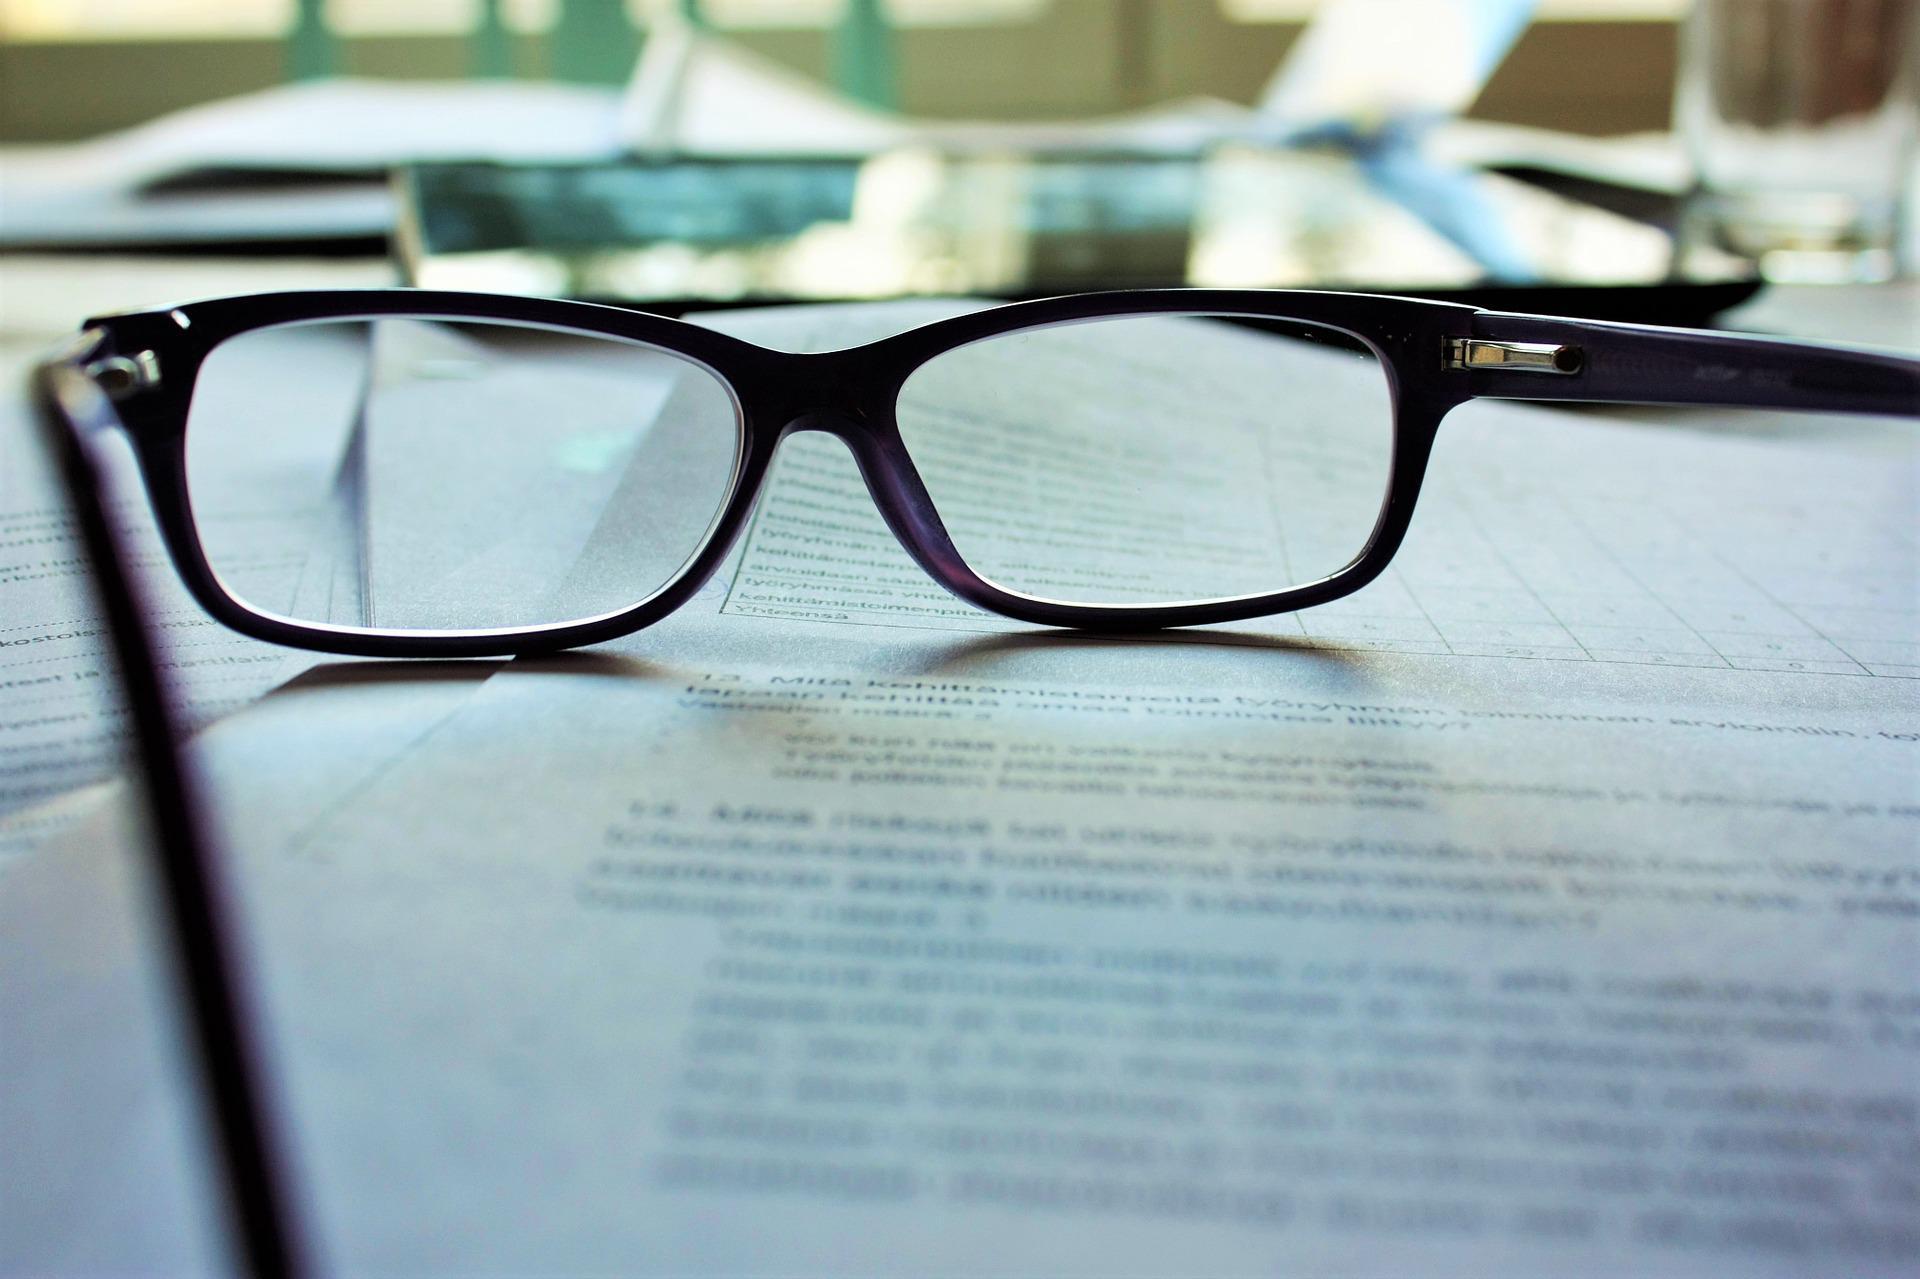 Опубликована новая форма уведомления о КИК и порядка его заполнения